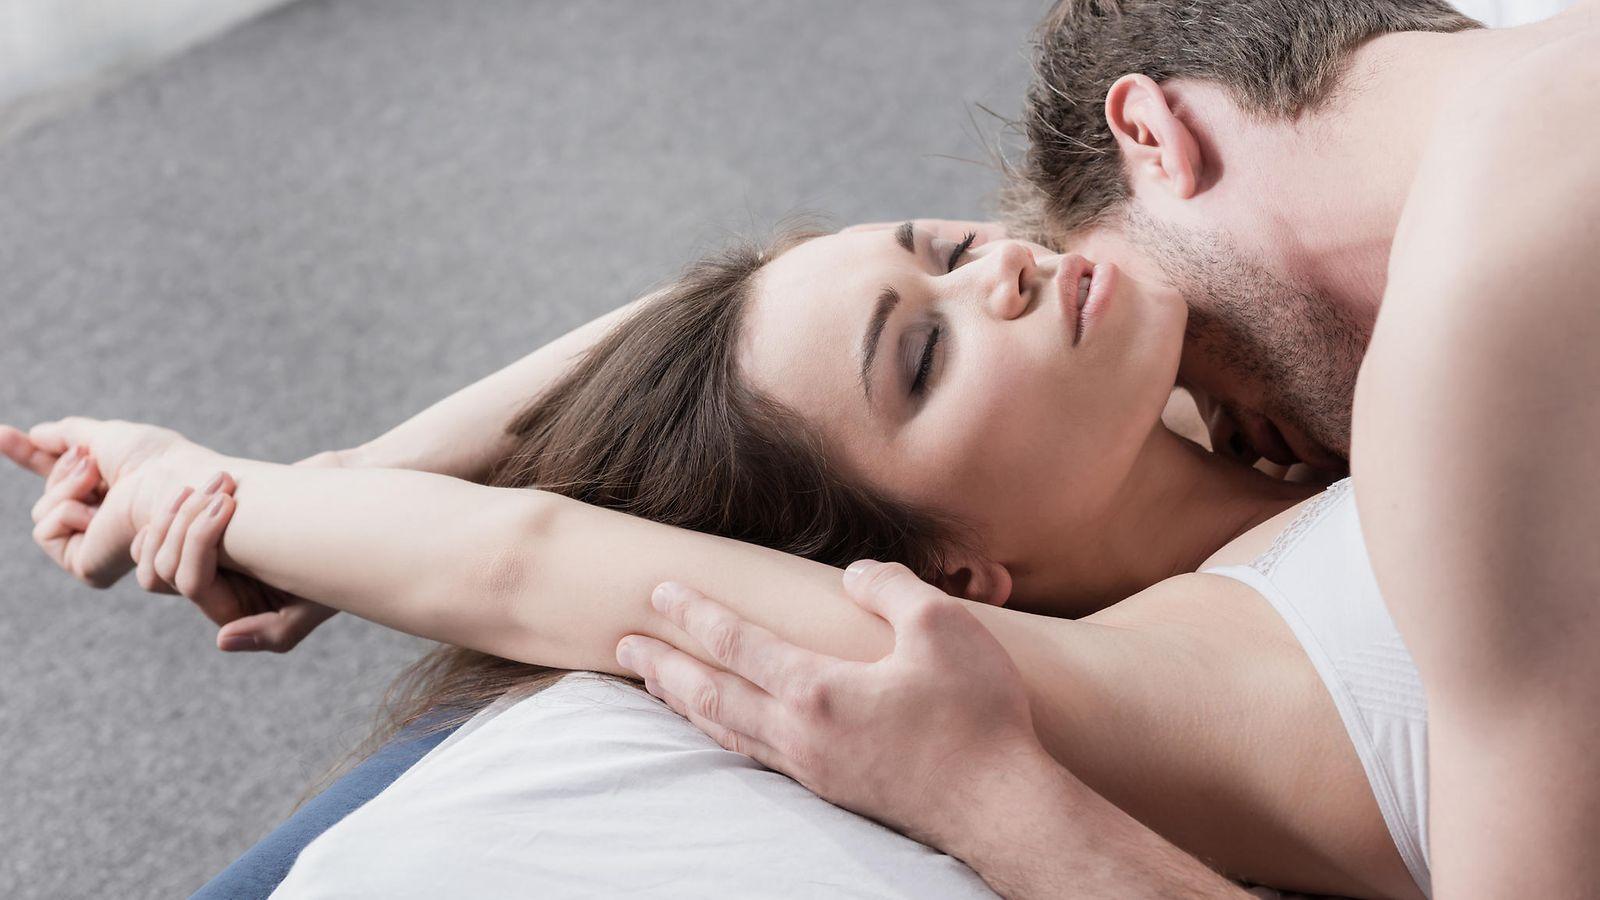 Секс по русски с коментариями, Русский секс - настоещее Русское Порно как оно есть! 13 фотография